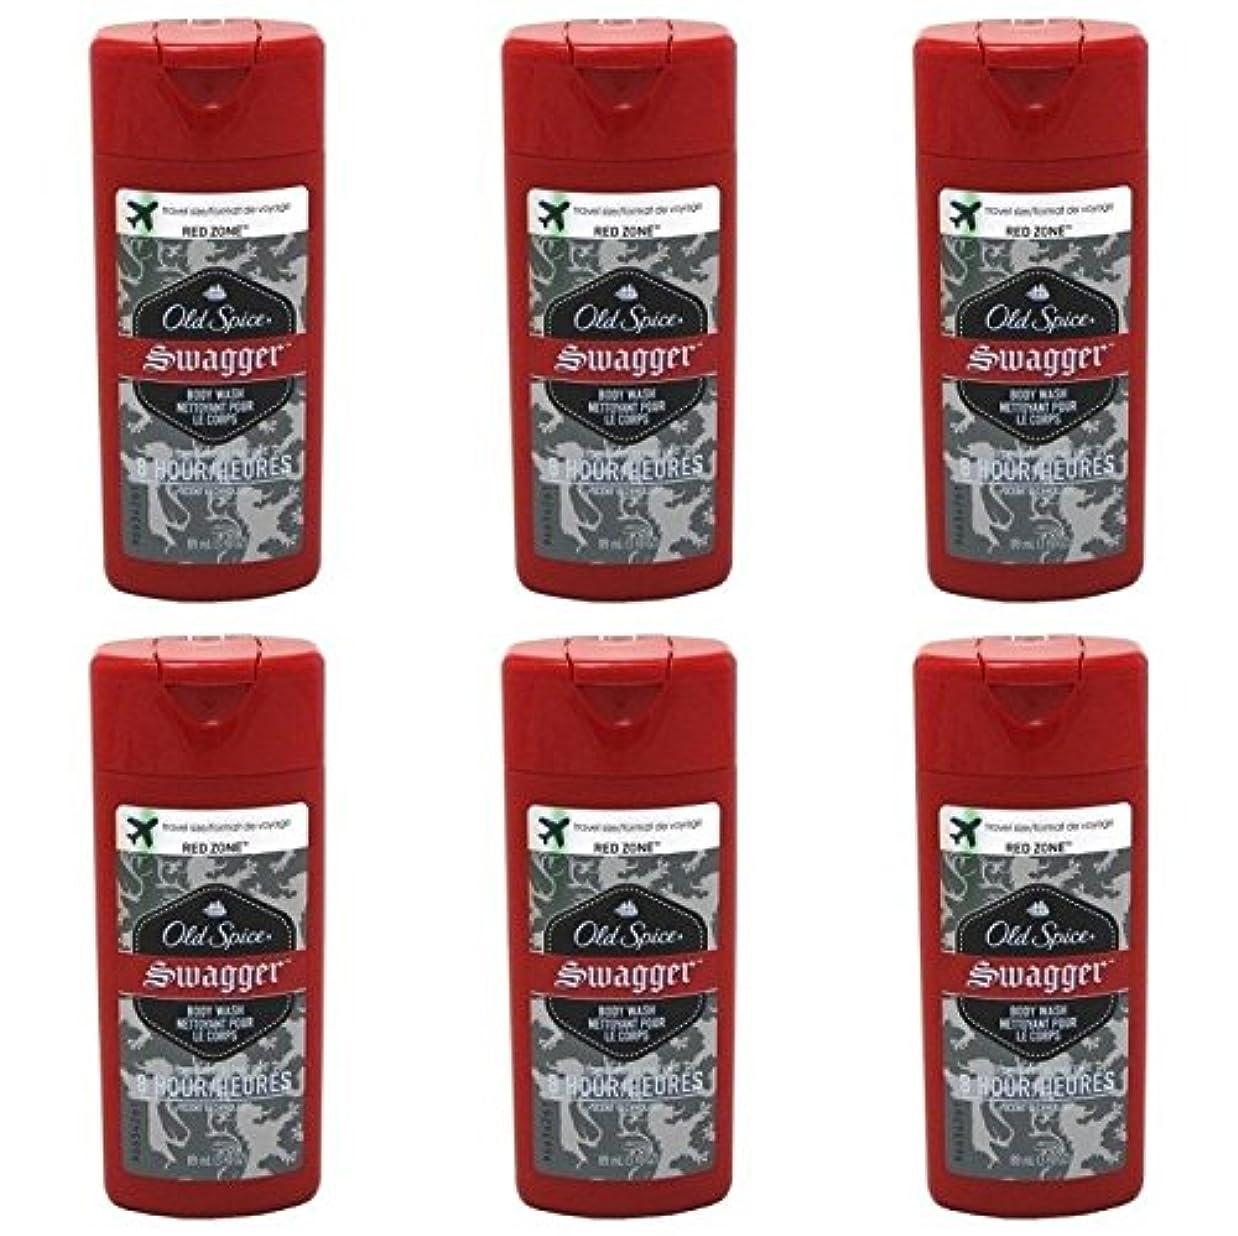 なぜなら違反する突撃Old Spice Swagger Red Zone Body Wash Travel Size 3 Oz by Old Spice